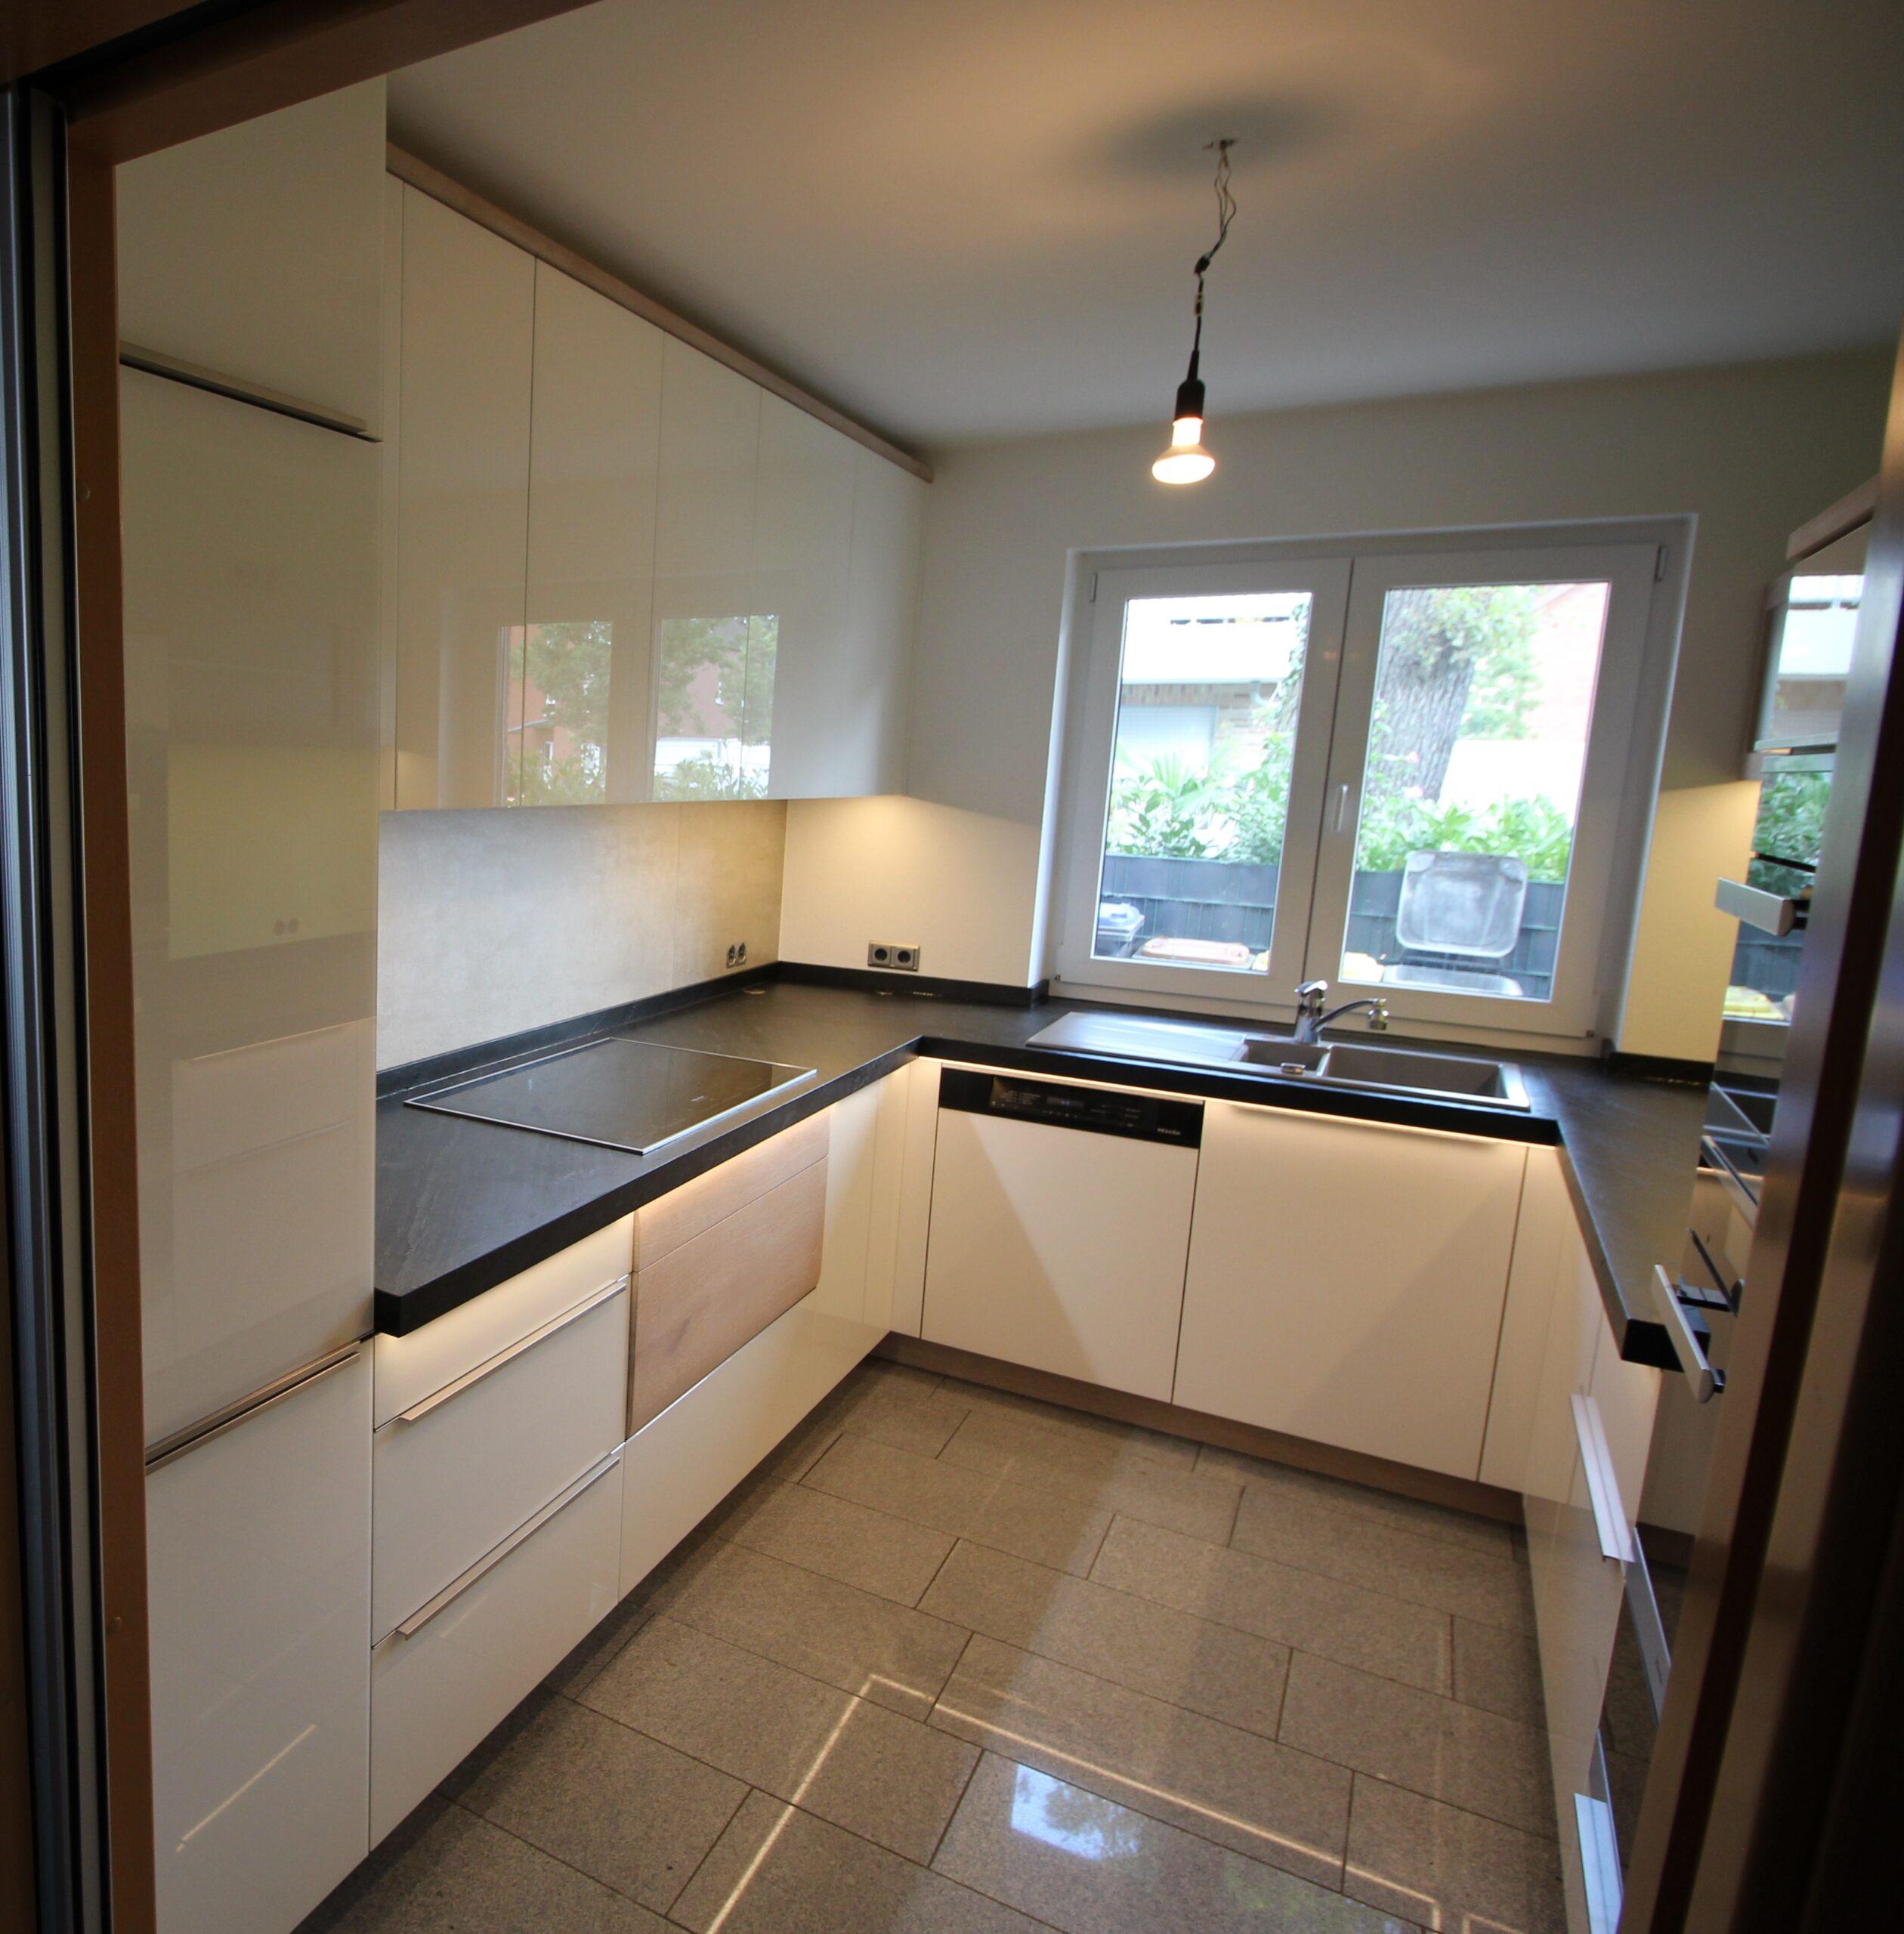 Full Size of Real Küchen Kche In U Form Knoor Mbeldesign Regal Wohnzimmer Real Küchen